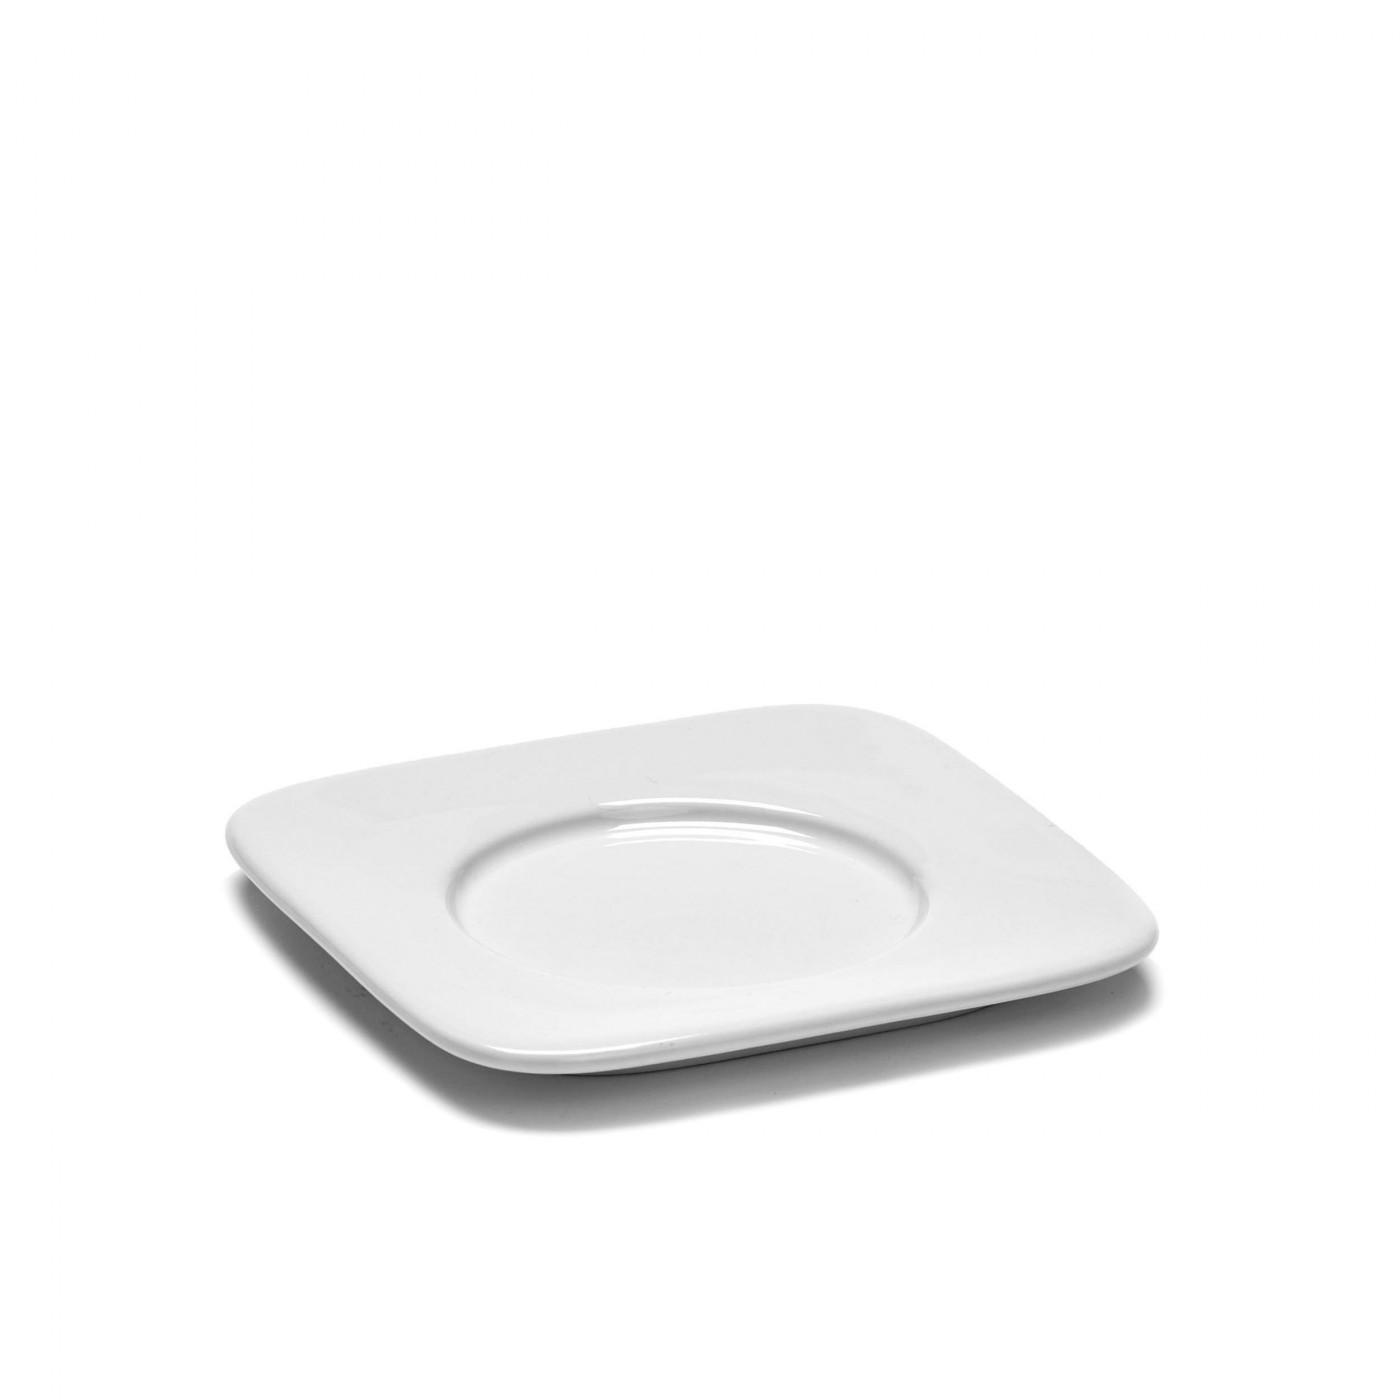 Soucoupe carrée expresso en porcelaine blanche 9,9x9,9cm